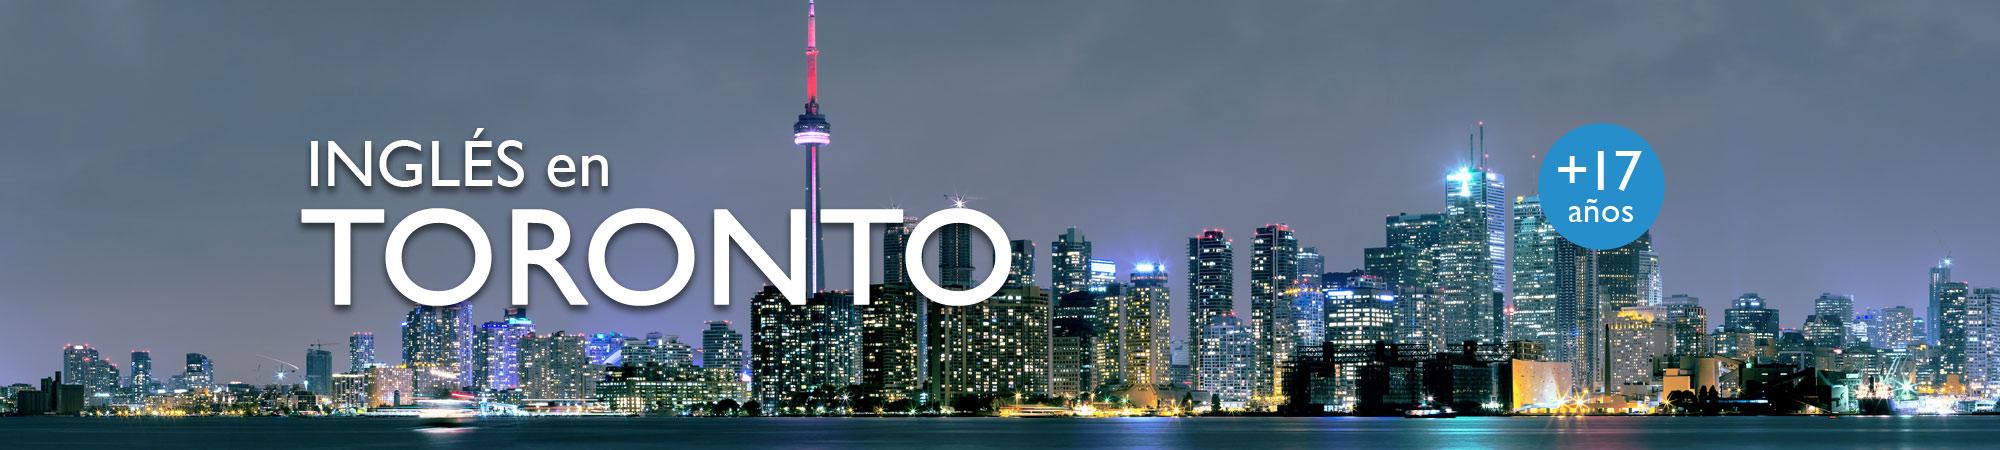 Cursos de ingles en Toronto Canada Midleton School